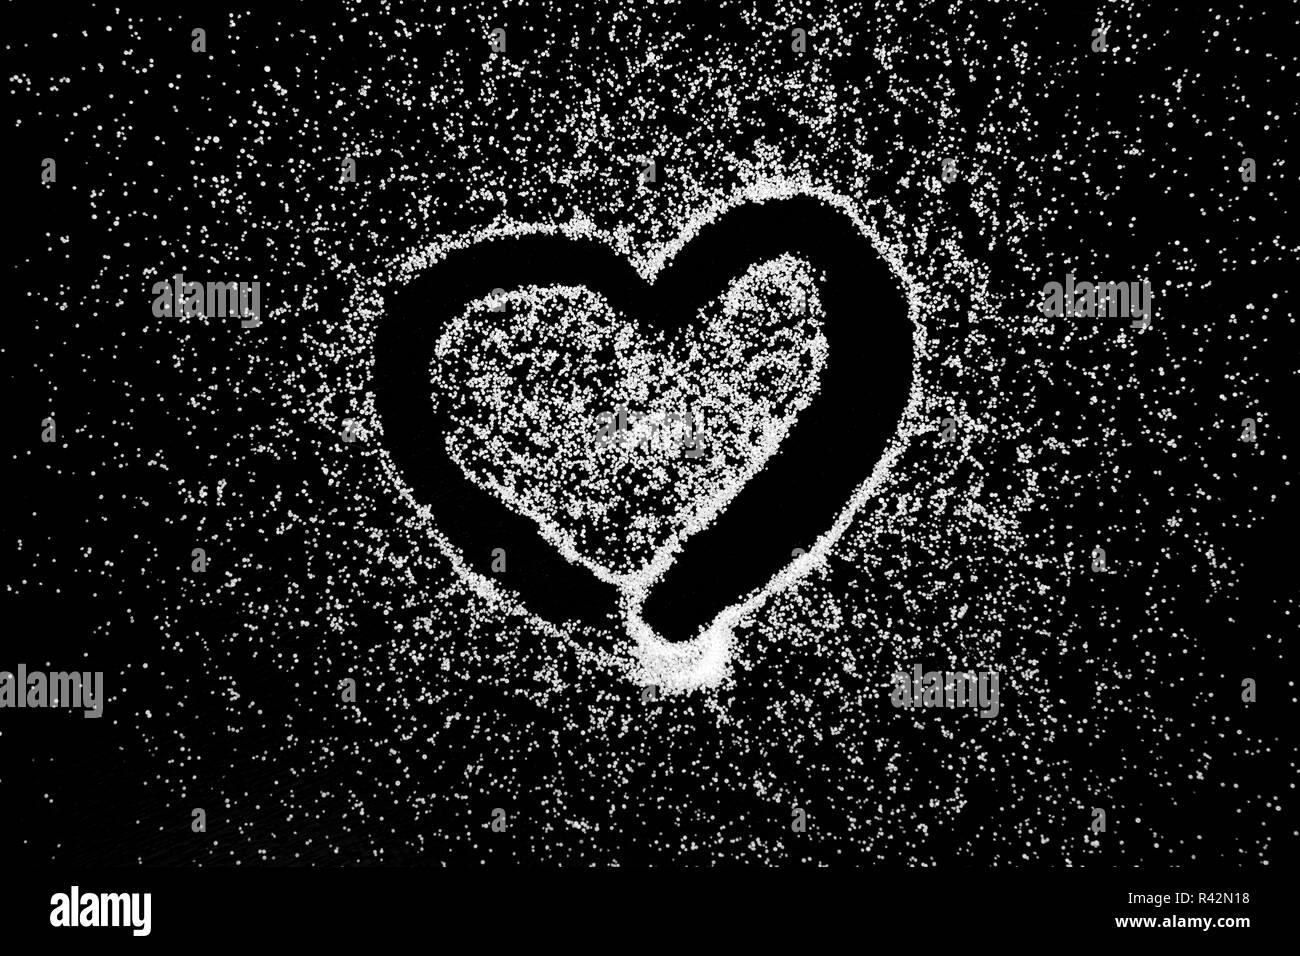 Amore Il Simbolo Del Cuore Di Disegno Da Dito Sul Sale Bianco In